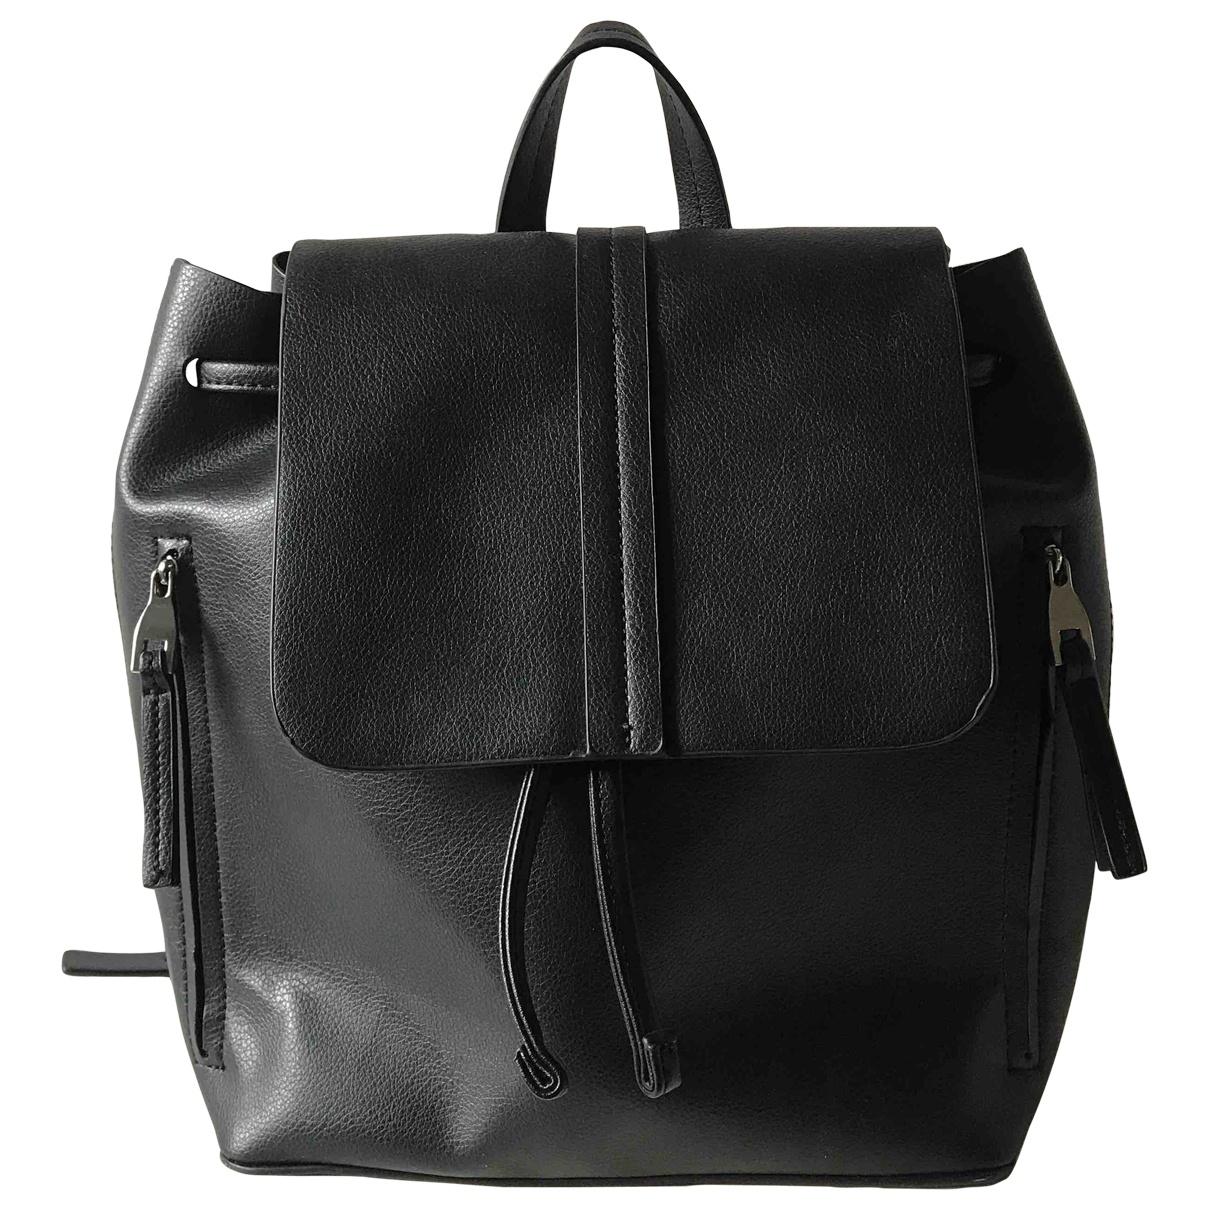 Zara \N Black Leather backpack for Women \N